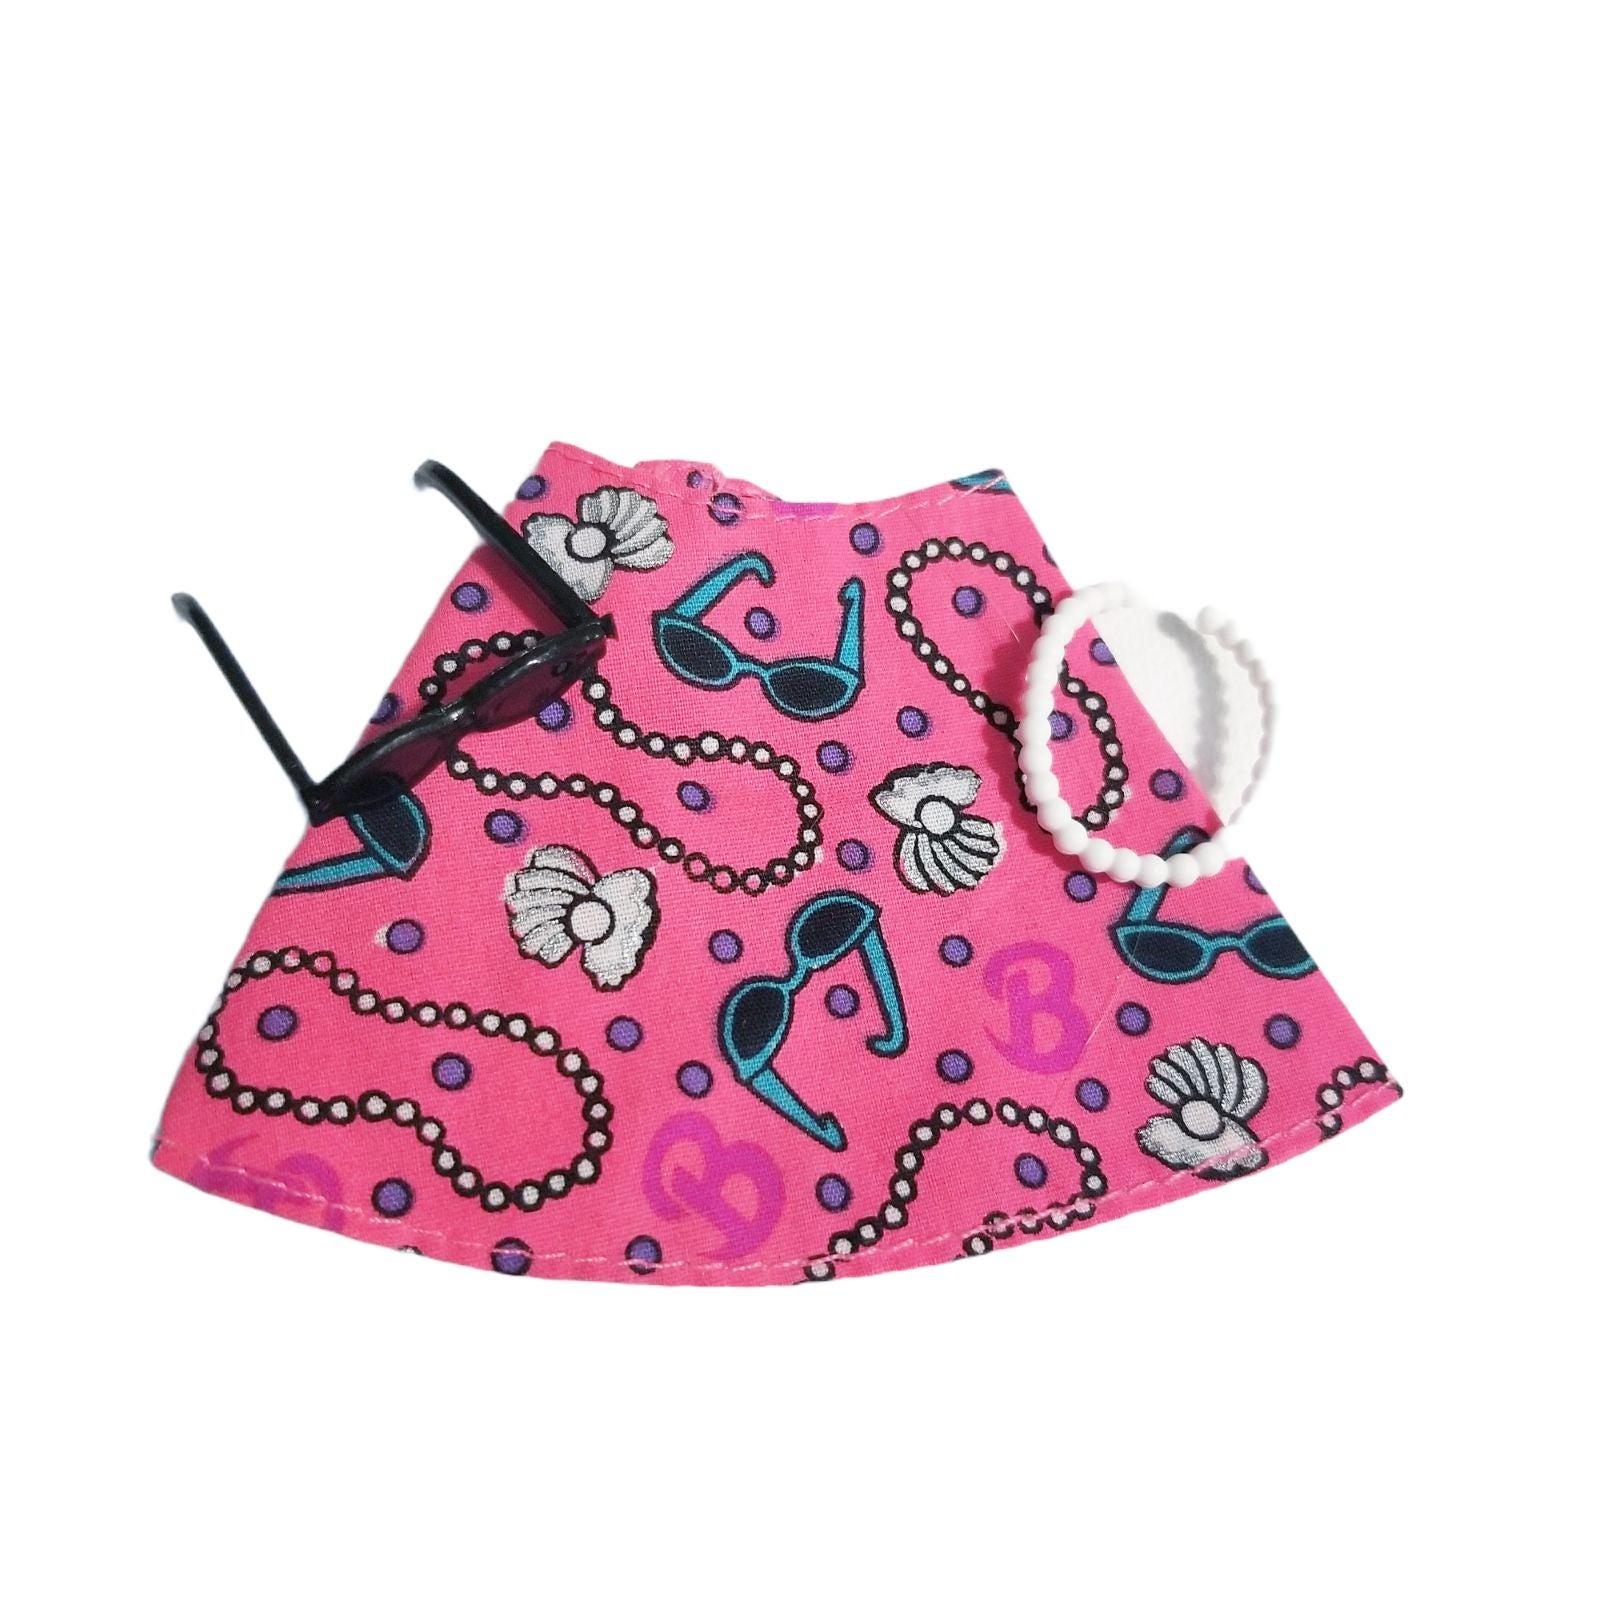 Barbie Pearl Beach Fashion Skirt 1997